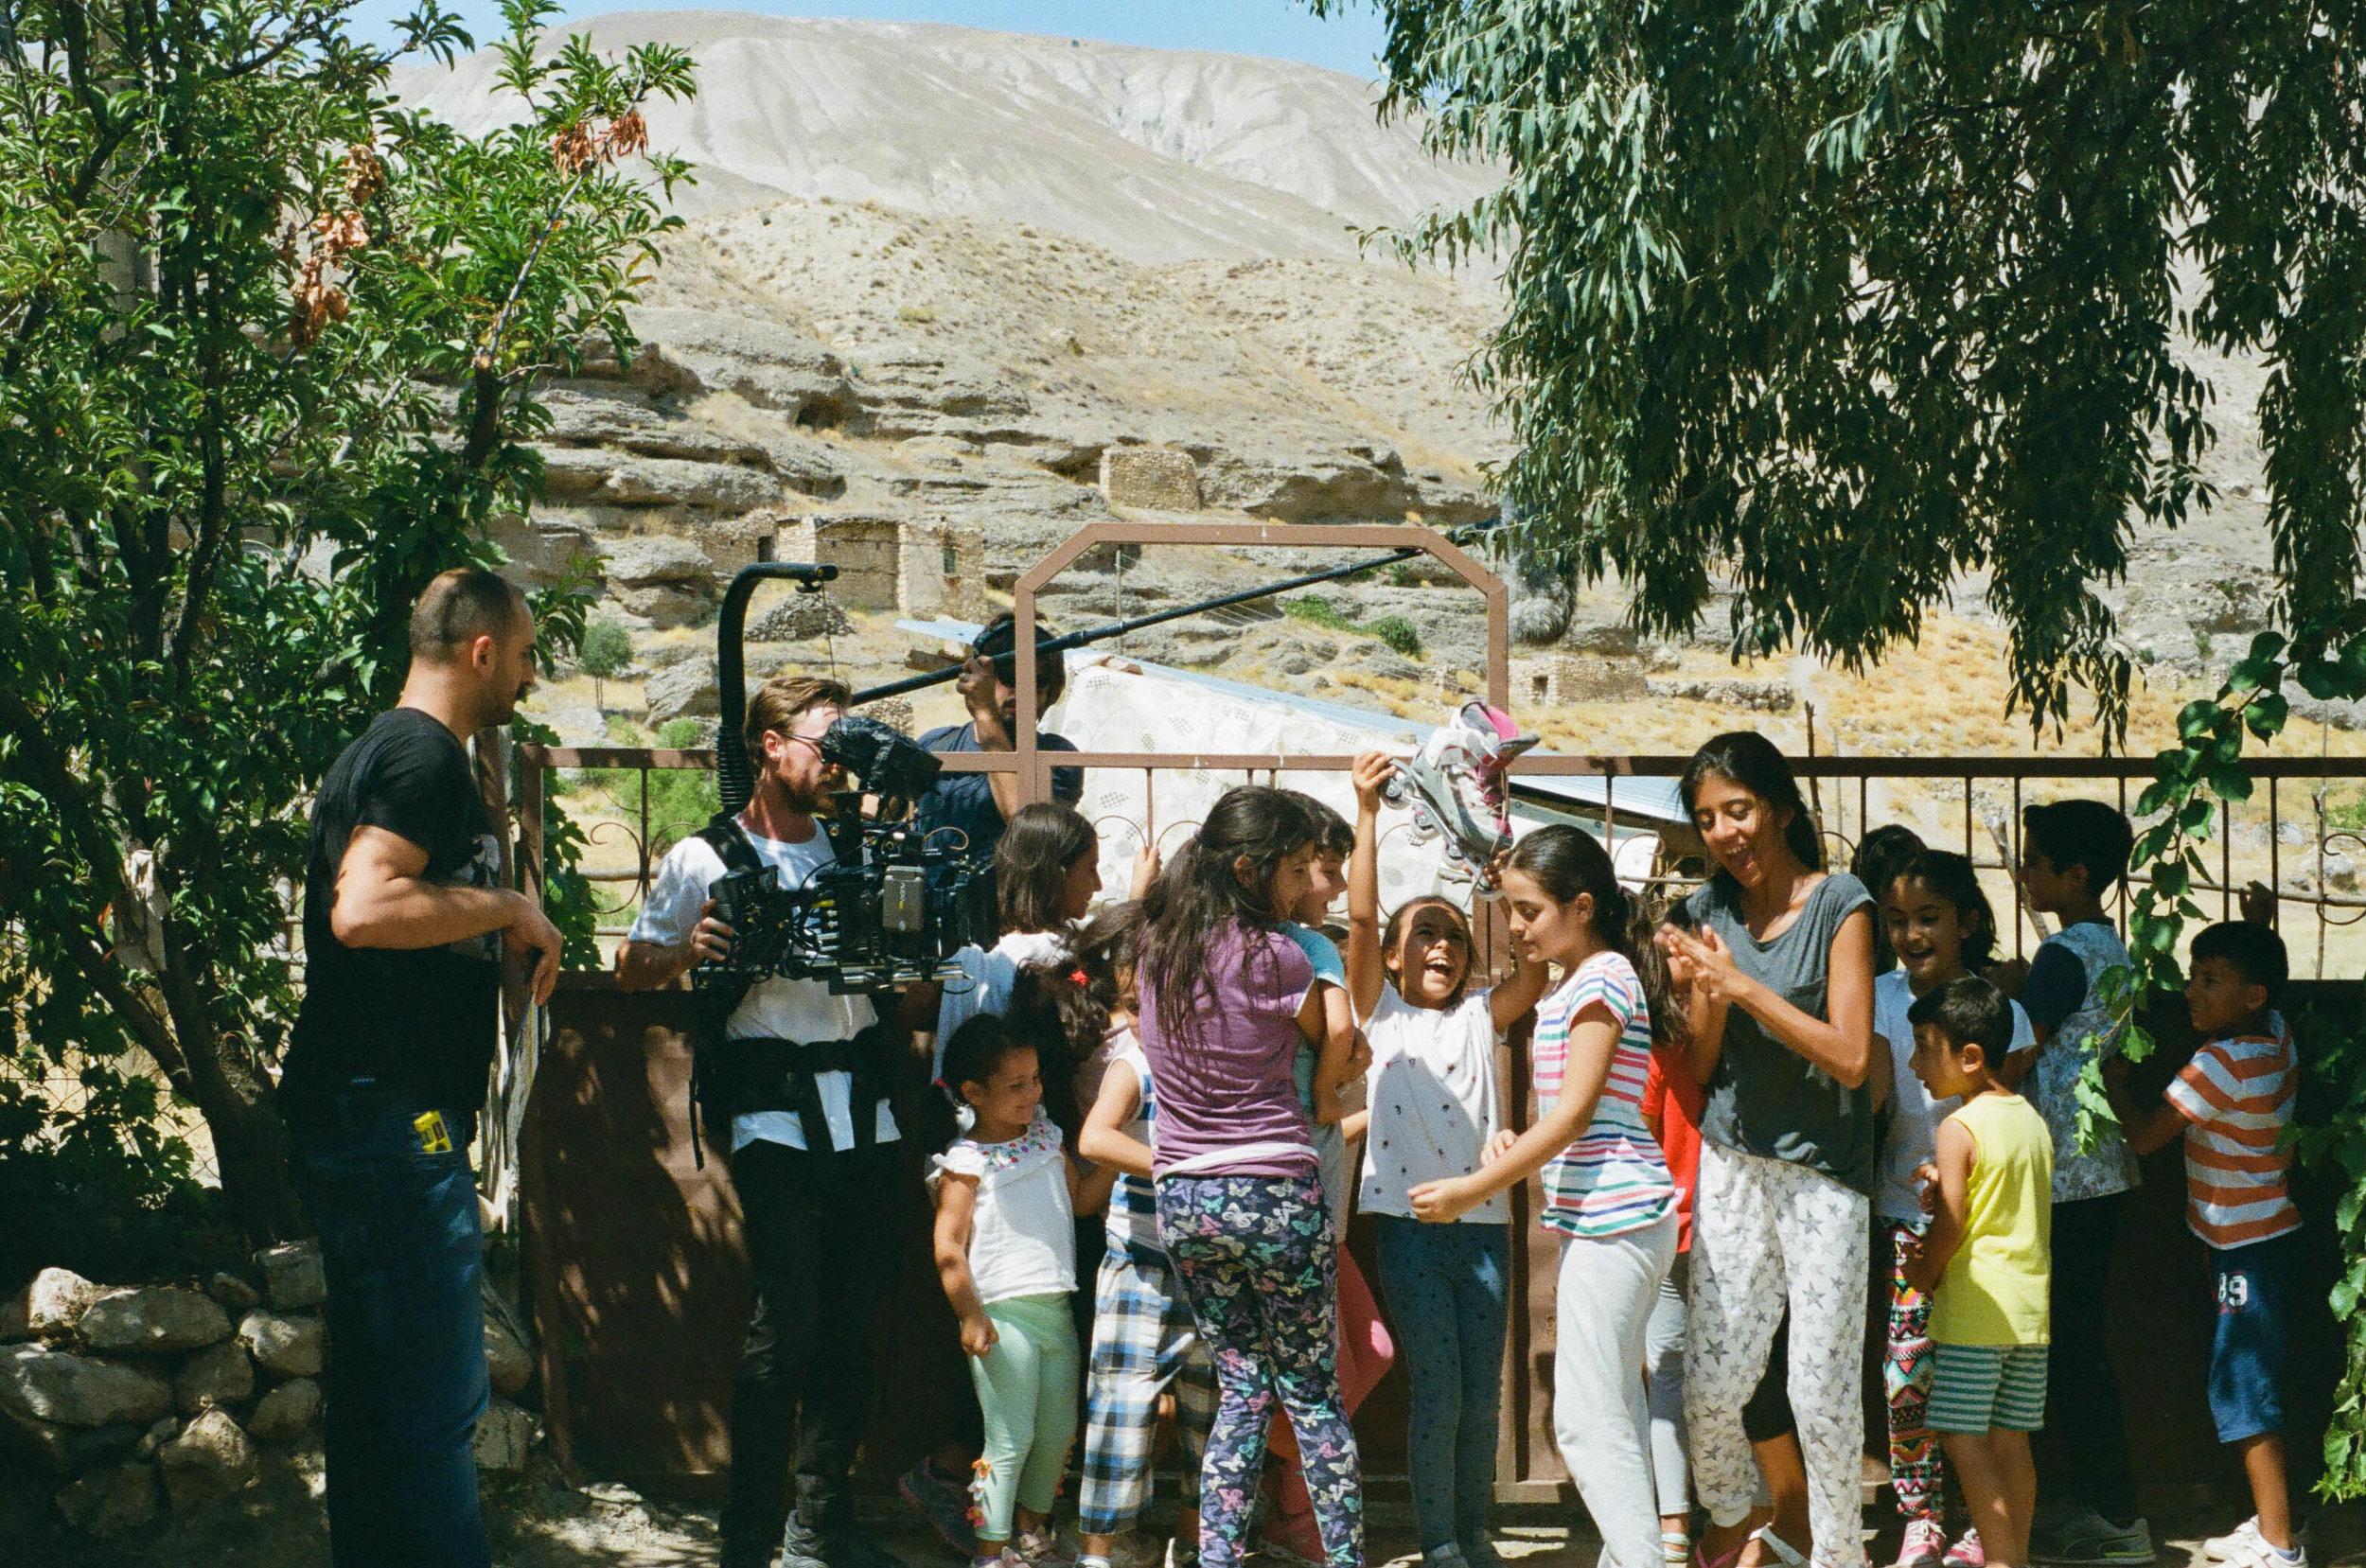 Behind the scenes of Kaya